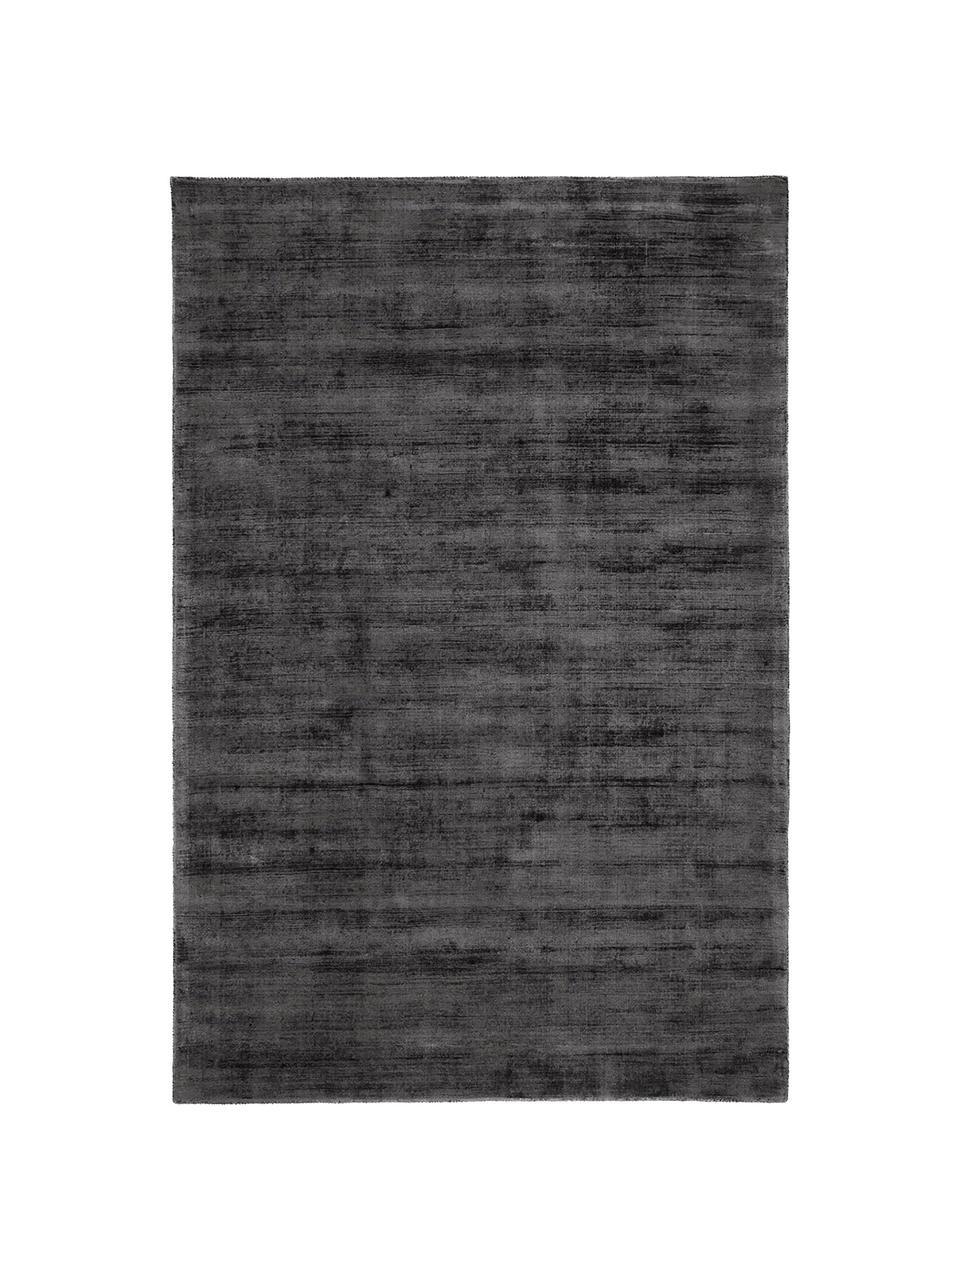 Handgeweven viscose vloerkleed Jane in antraciet-zwart, Bovenzijde: 100% viscose, Onderzijde: 100% katoen, Antraciet-zwart, B 160 x L 230 cm (maat M)